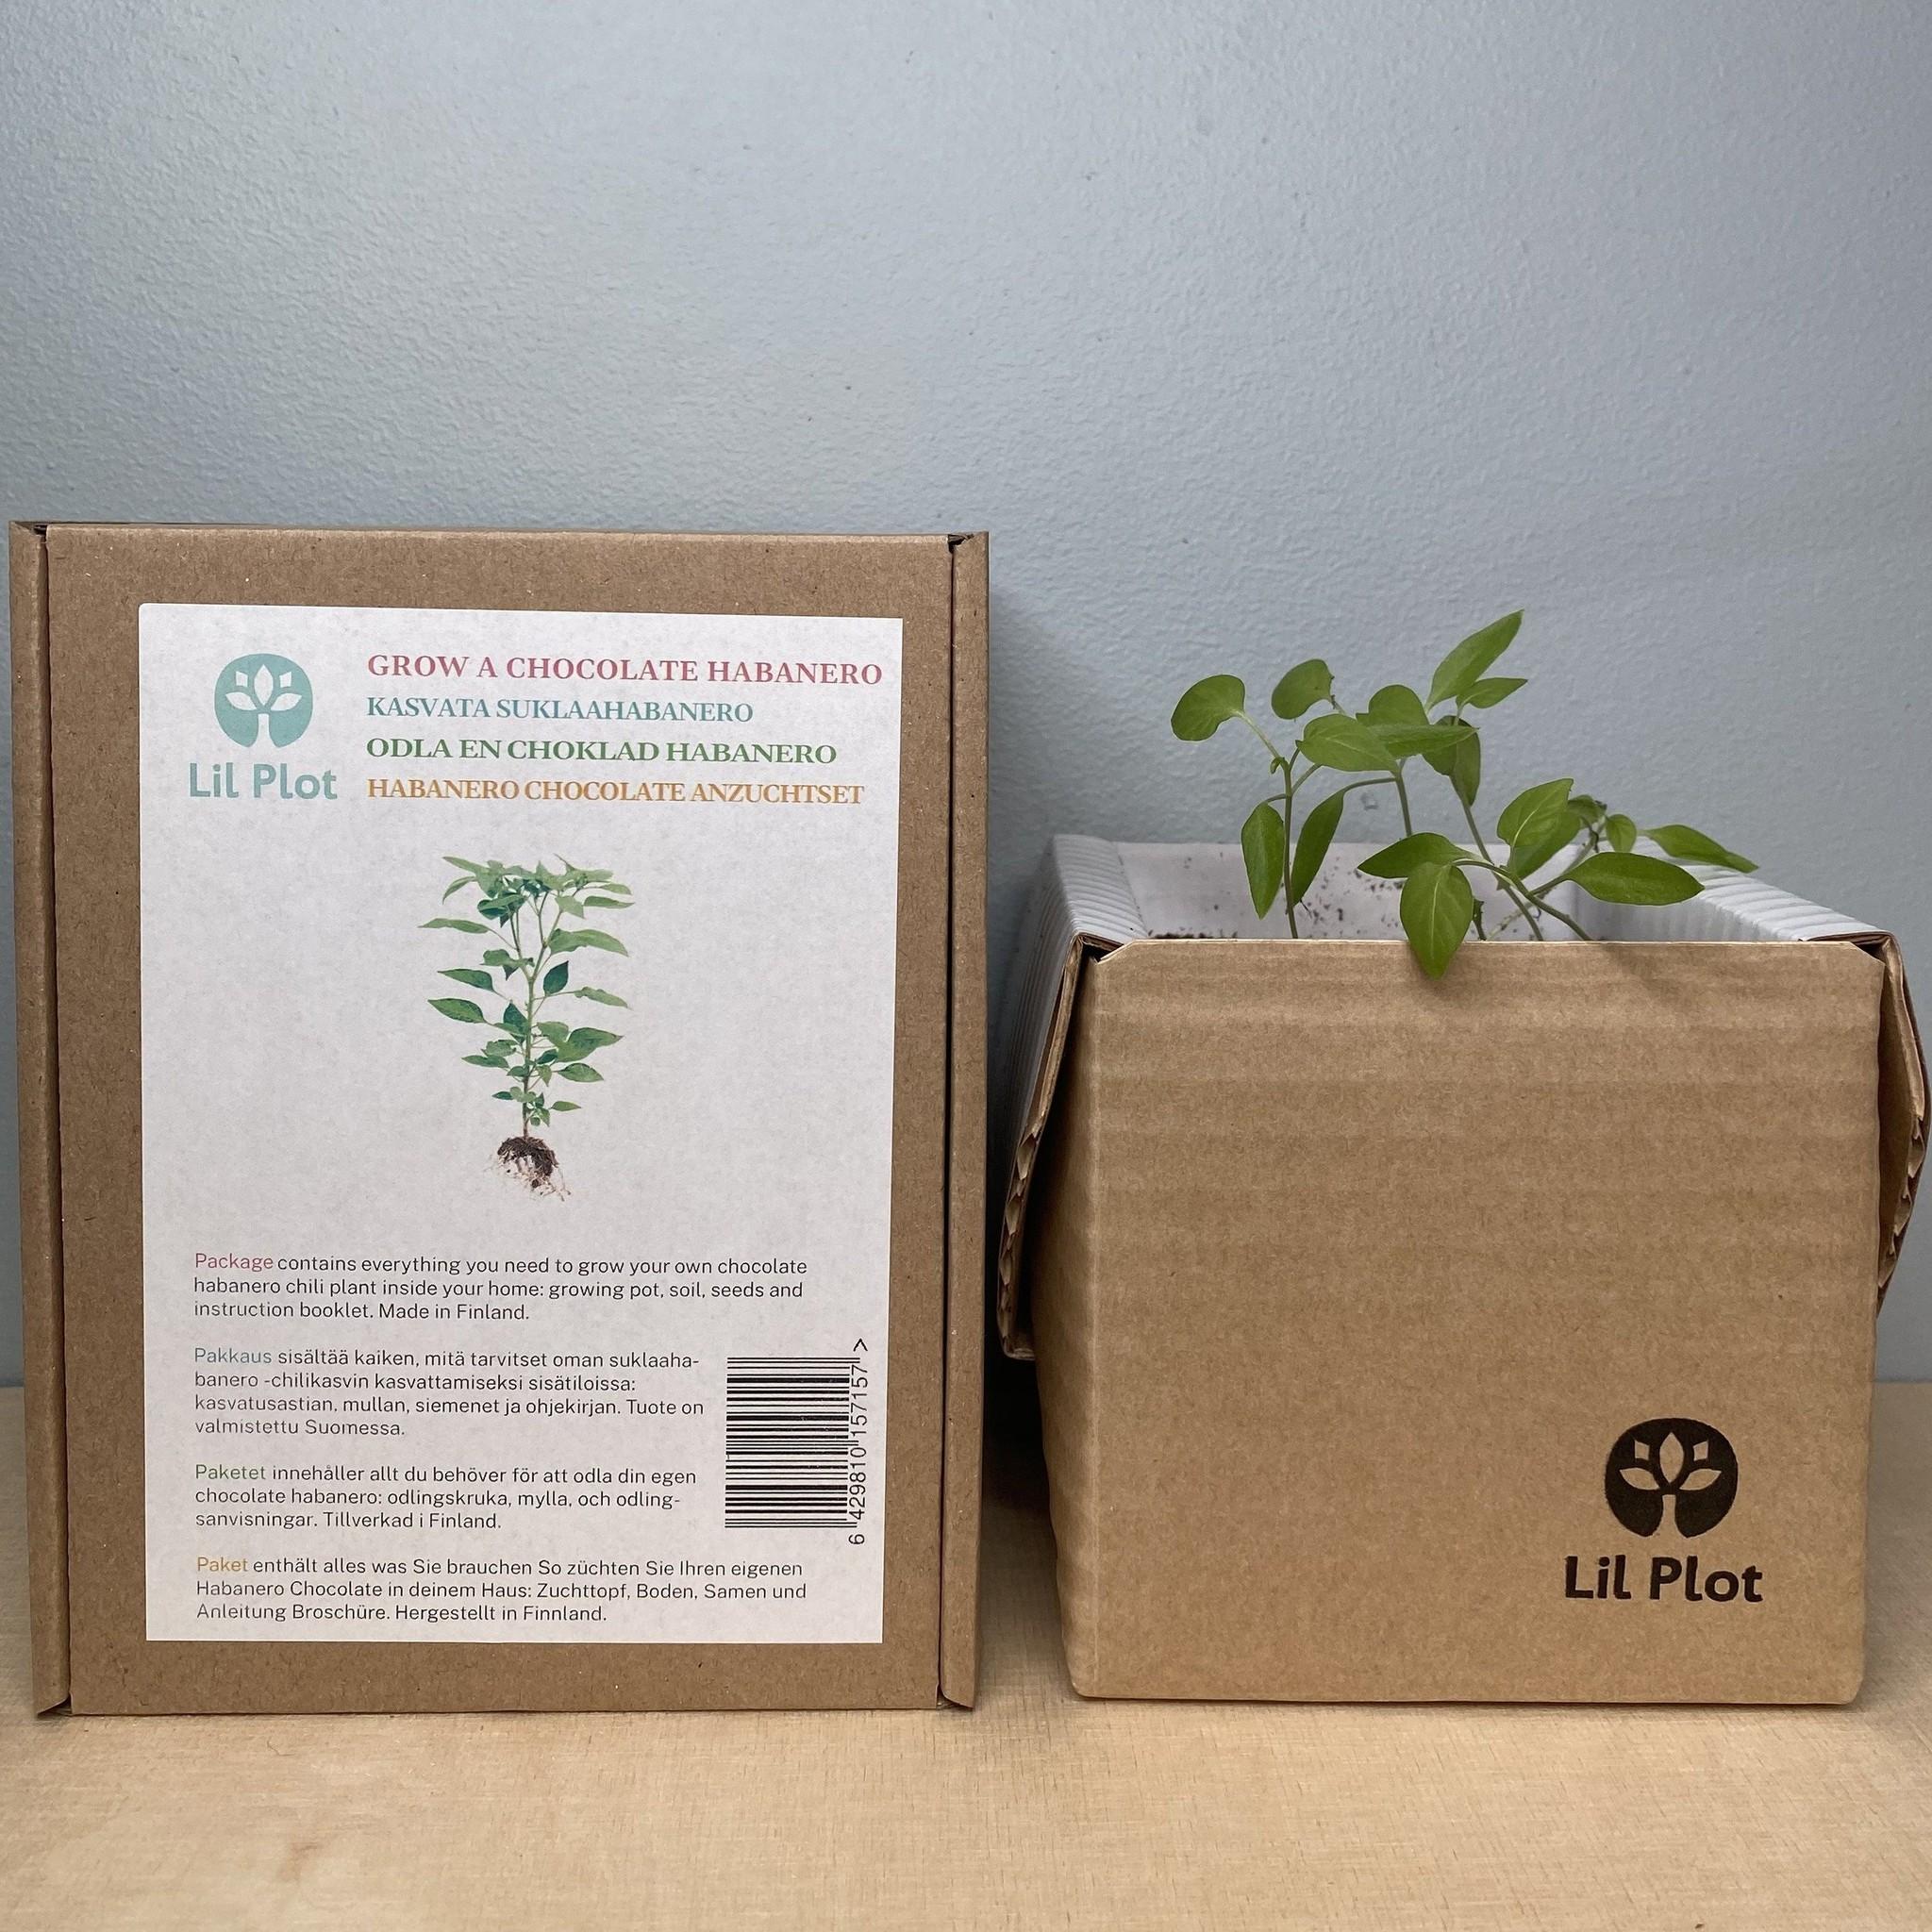 Chocolate Habanero Tree Growing Kit